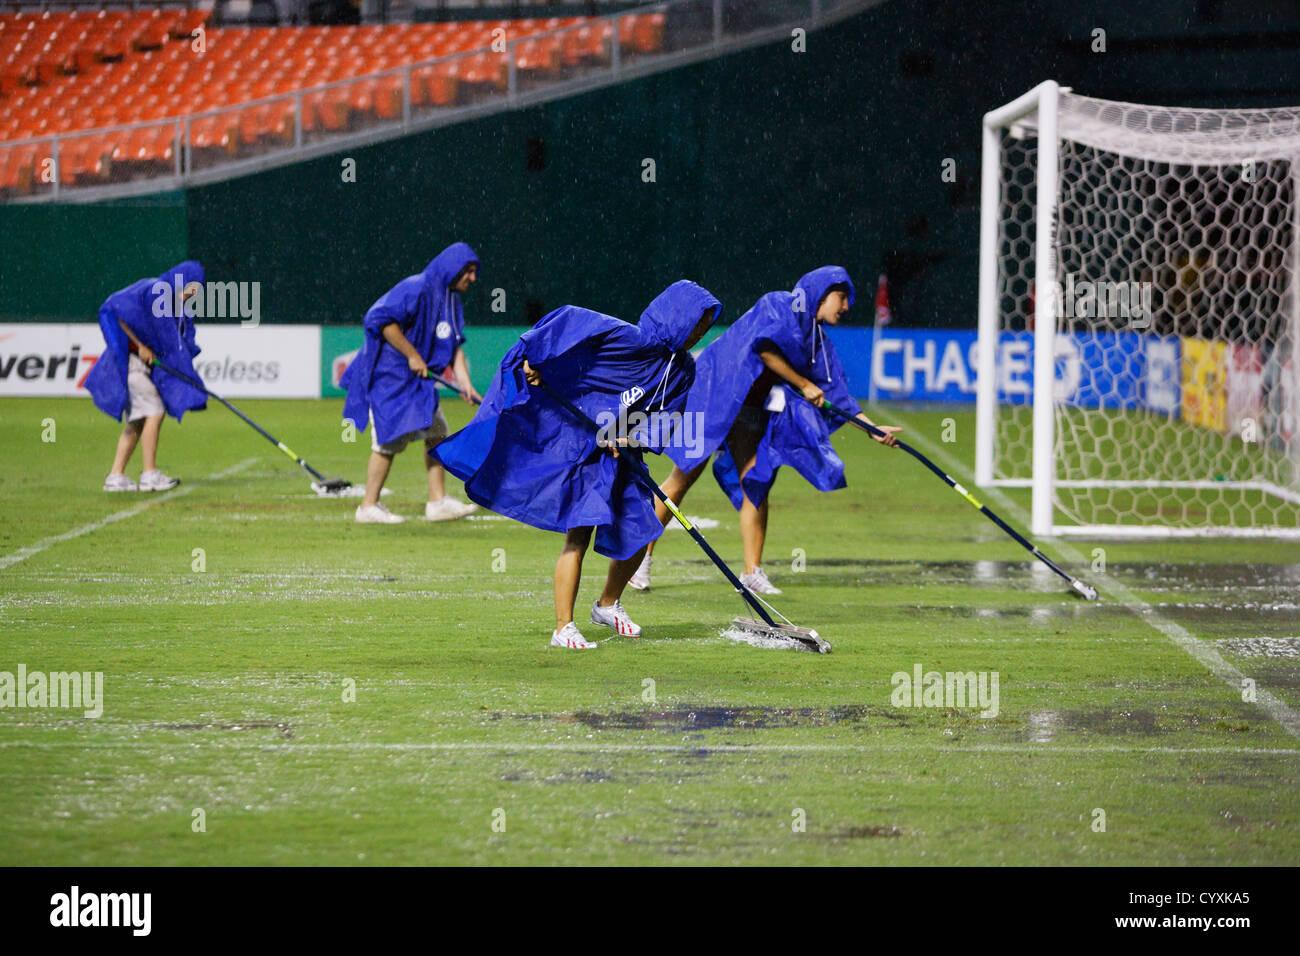 L'eau efface Groundskeepers hors du terrain après une forte tempête a causé un retard de pluie d'un match entre DC United MLS / Houston. Banque D'Images